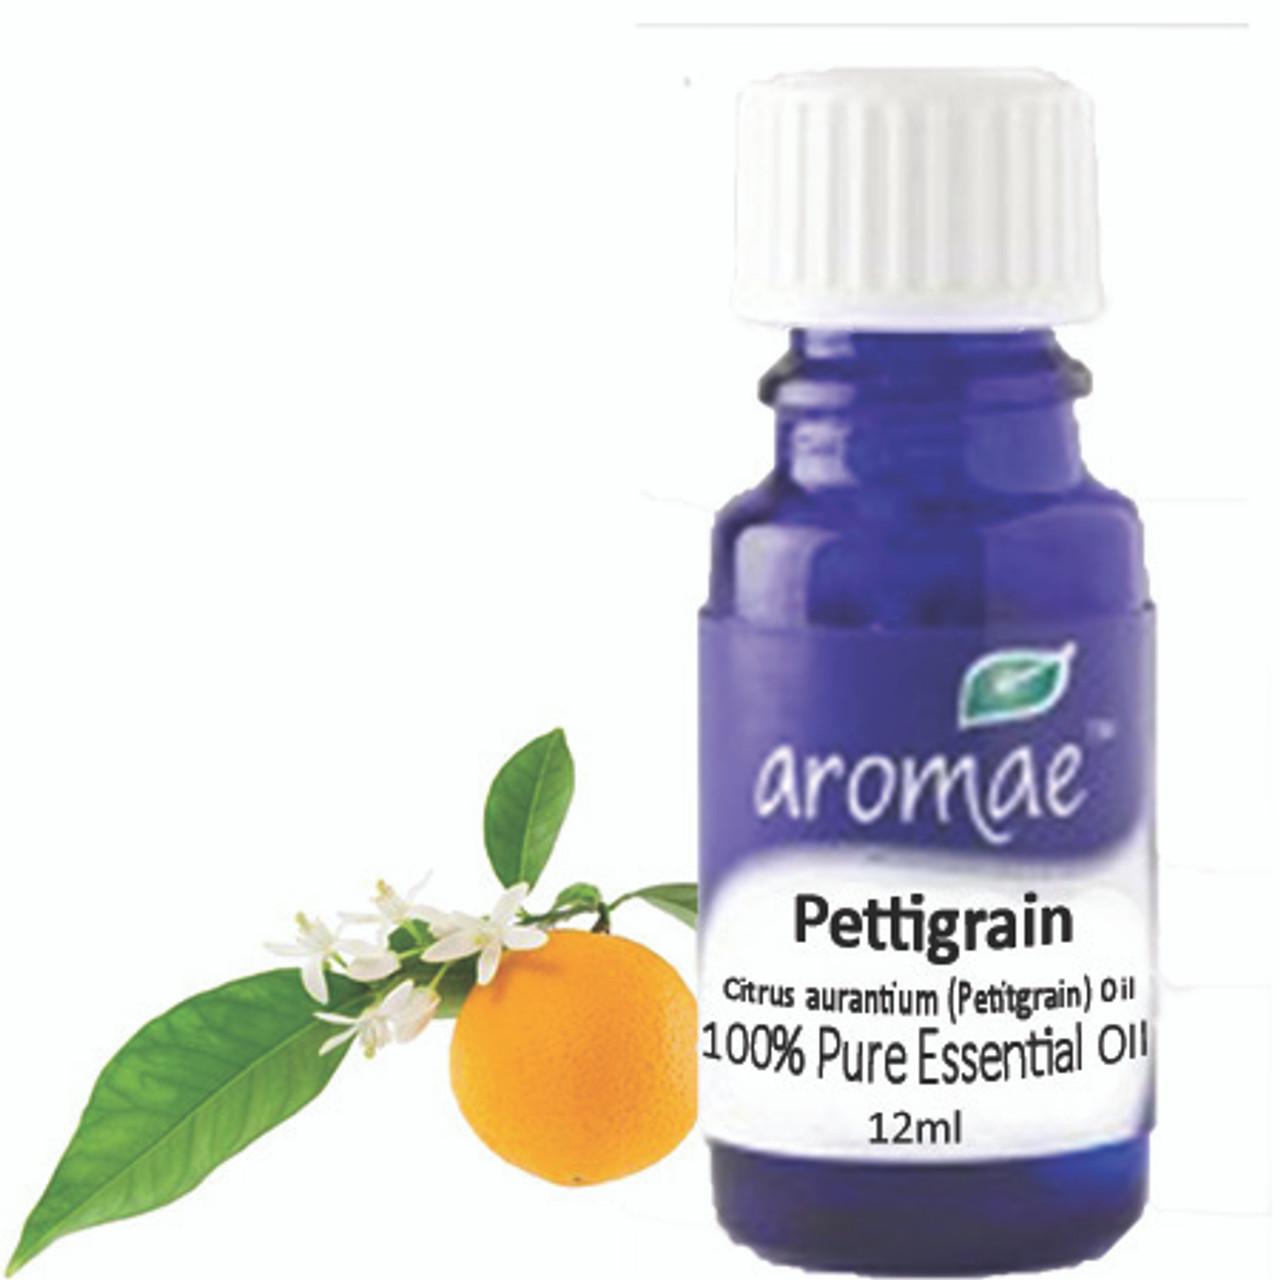 Petitgrain Essential Oil - Aromae 12ml